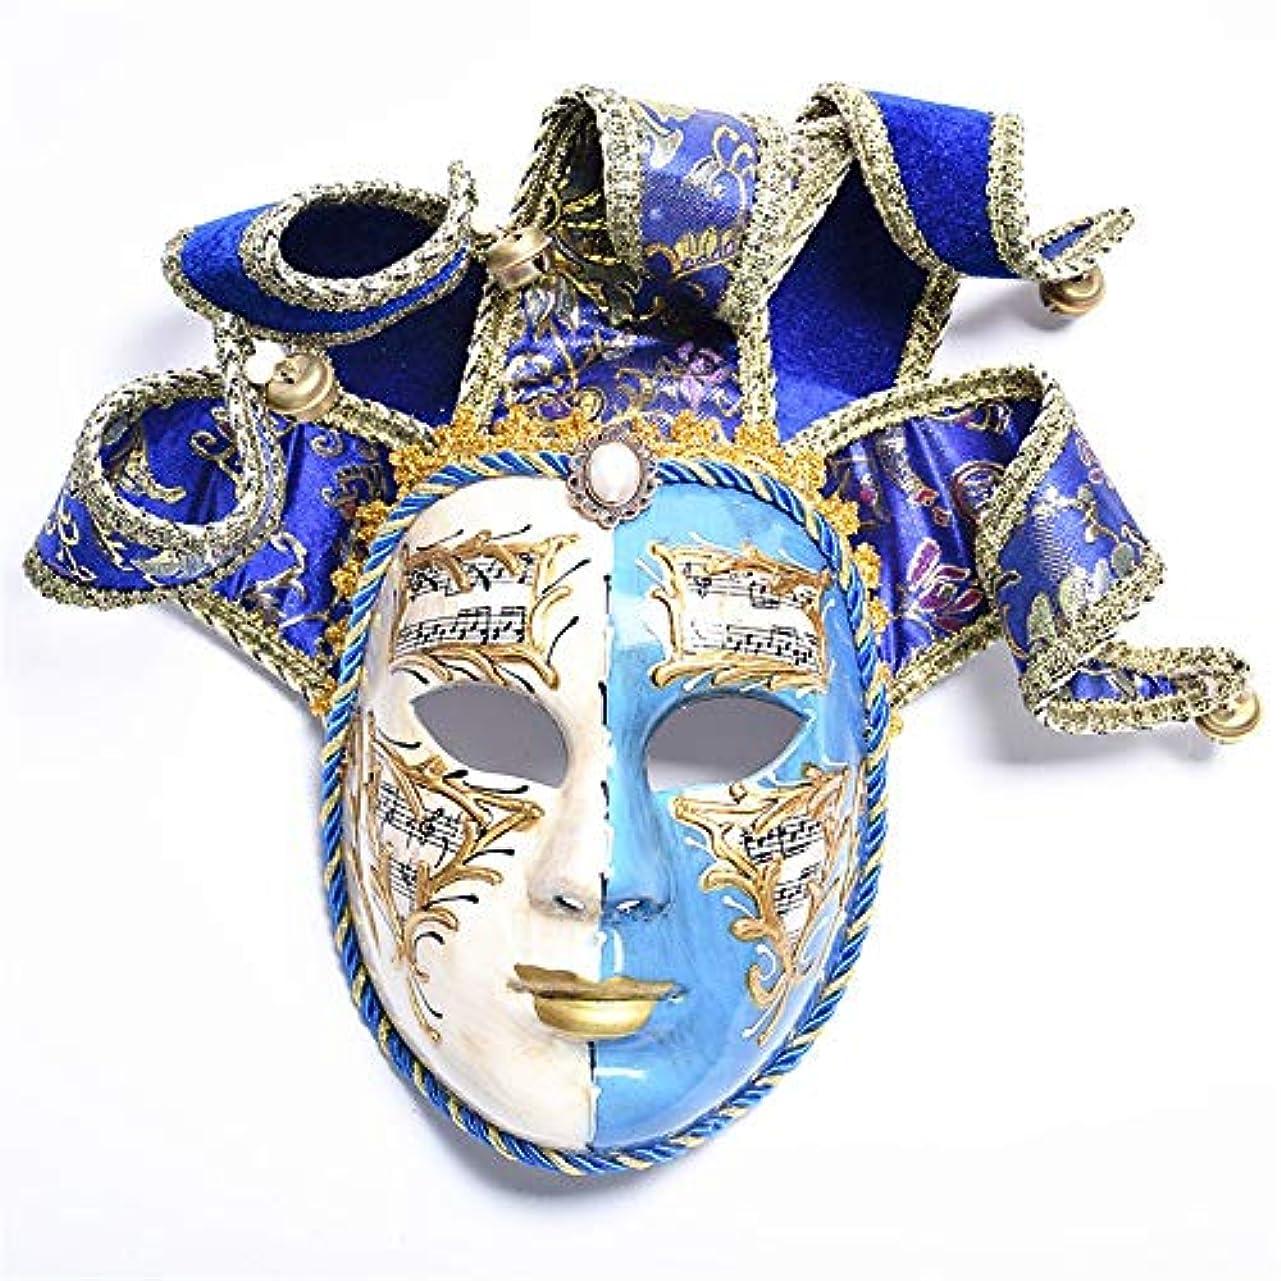 増加するメロドラマティック自己尊重ダンスマスク 青と白の2色フルフェイスマスクパーティーマスカレードマスクハロウィーンカーニバル祭コスプレナイトクラブパーティーマスク ホリデーパーティー用品 (色 : 青, サイズ : 33x31cm)